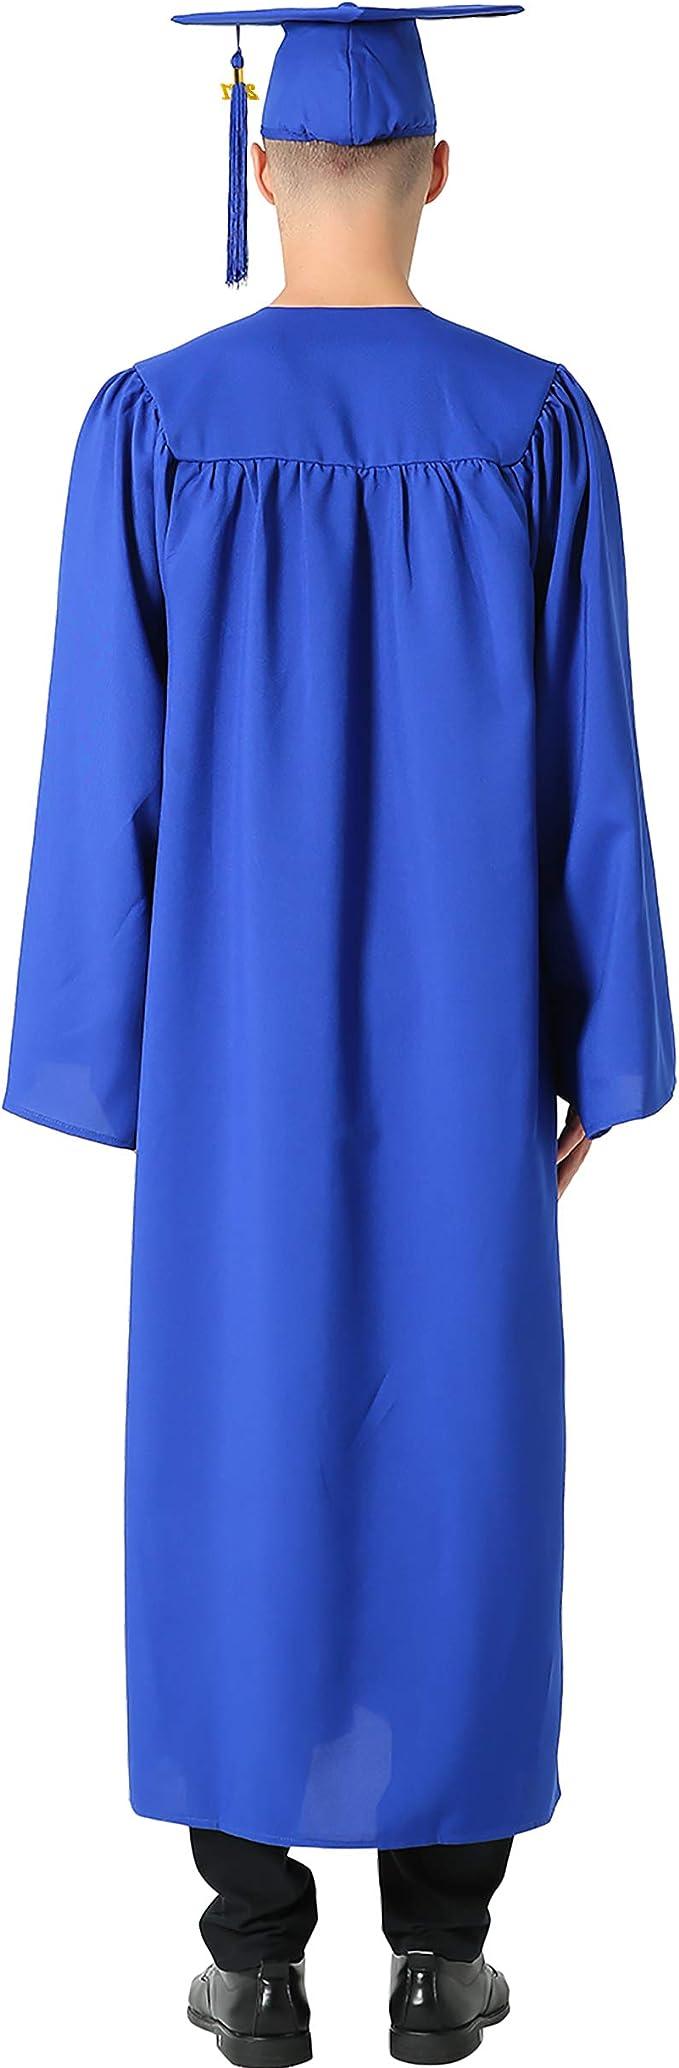 Chapeau Et Toge Dipl/ôm/é Adulte Graduation Robe 2020 Unisexe Pour Universitaire Graduation /École Homme Femme Unisexe Cap Gown Robe Costume,Black-45